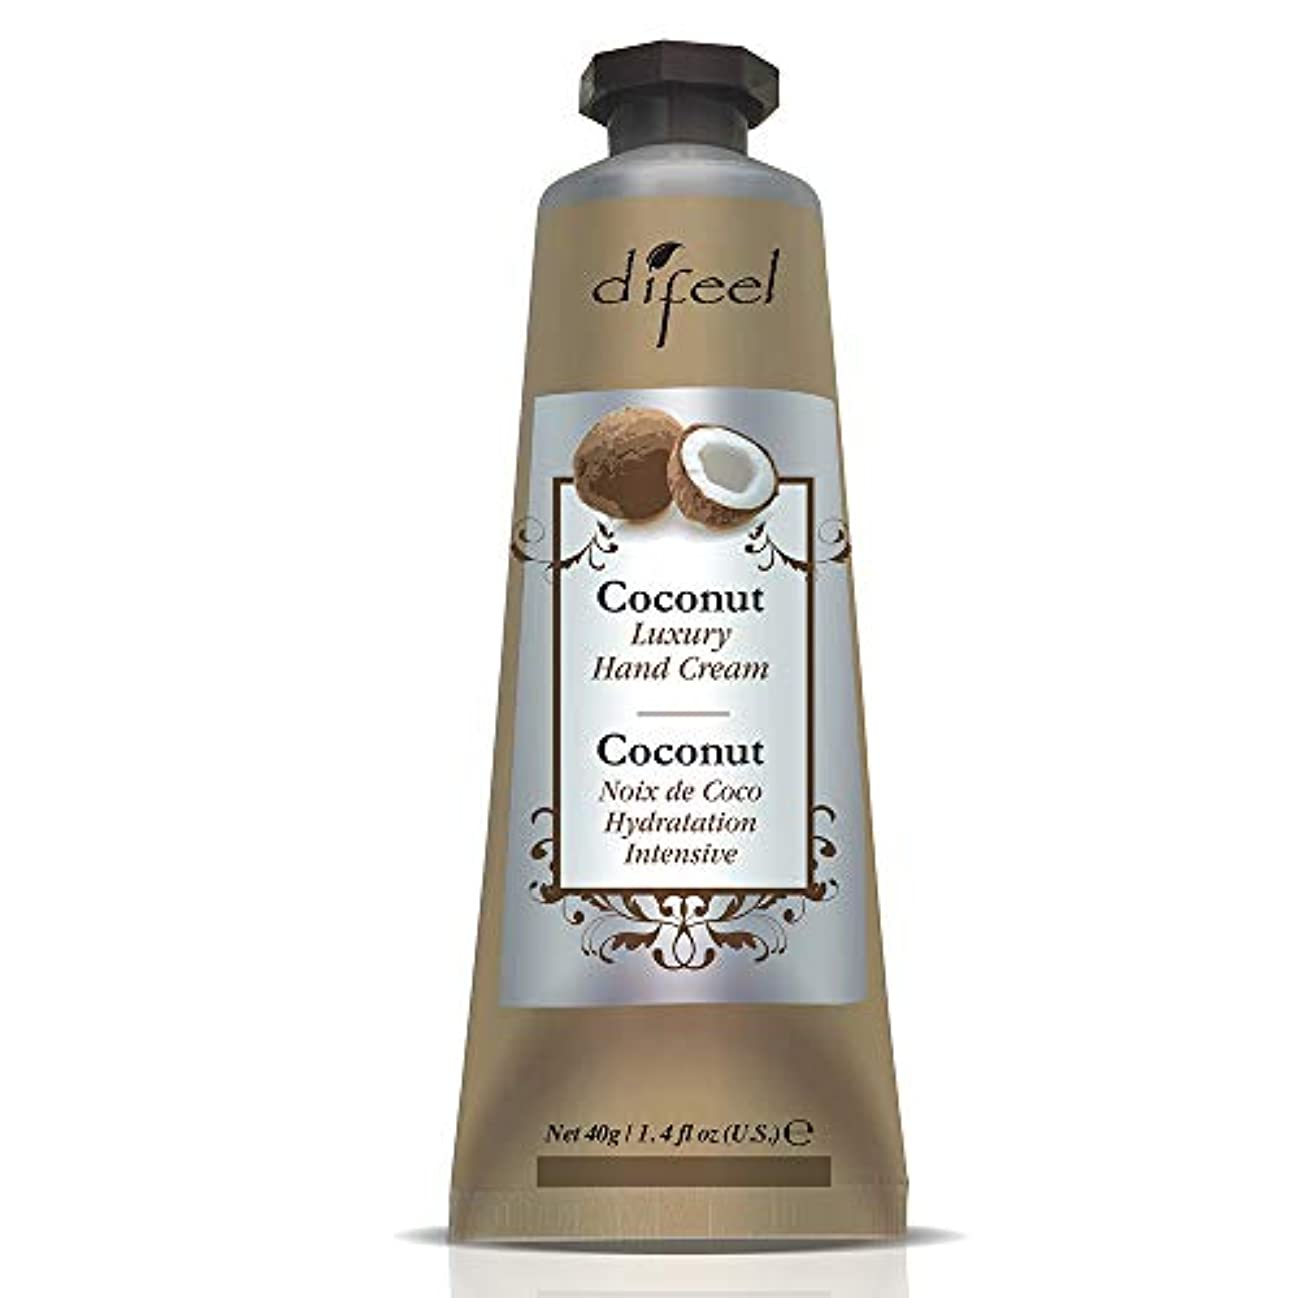 寸前着飾るシーンDifeel(ディフィール) ココナッツ ナチュラル ハンドクリーム 40g COCONUT 11COC New York 【正規輸入品】